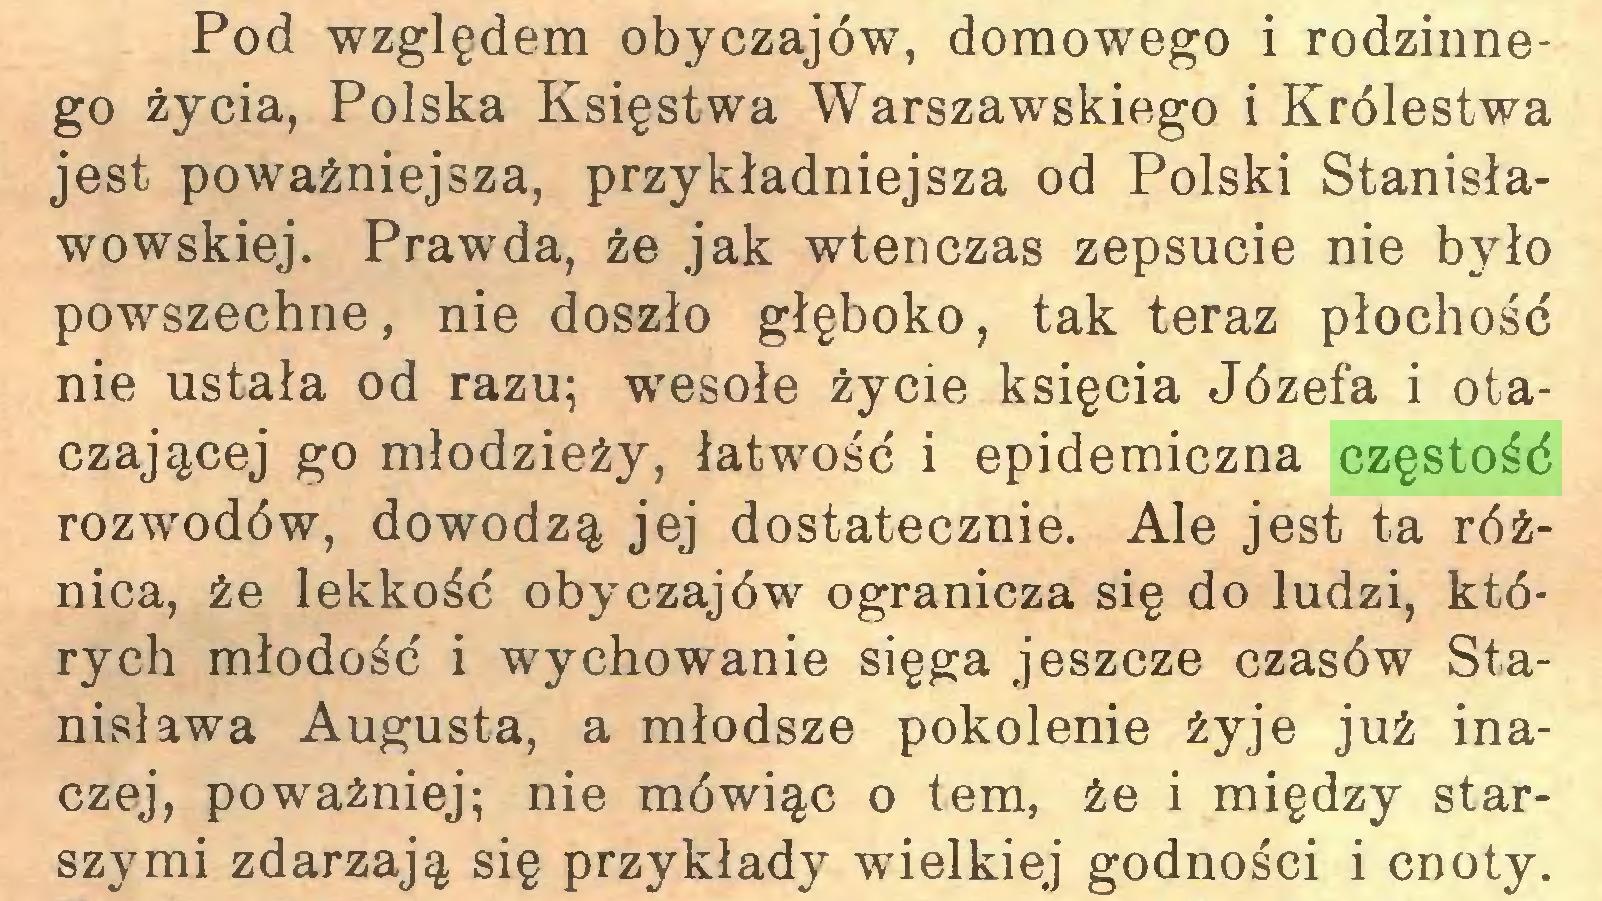 (...) Pod względem obyczajów, domowego i rodzinnego życia, Polska Księstwa Warszawskiego i Królestwa jest poważniejsza, przykładniejsza od Polski Stanisławowskiej. Prawda, że jak wtenczas zepsucie nie było powszechne, nie doszło głęboko, tak teraz płochość nie ustała od razu; wesołe życie księcia Józefa i otaczającej go młodzieży, łatwość i epidemiczna częstość rozwodów, dowodzą jej dostatecznie. Ale jest ta różnica, że lekkość obyczajów ogranicza się do ludzi, których młodość i wychowanie sięga jeszcze czasów Stanisława Augusta, a młodsze pokolenie żyje już inaczej, poważniej; nie mówiąc o tem, że i między starszymi zdarzają się przykłady wielkiej godności i cnoty...